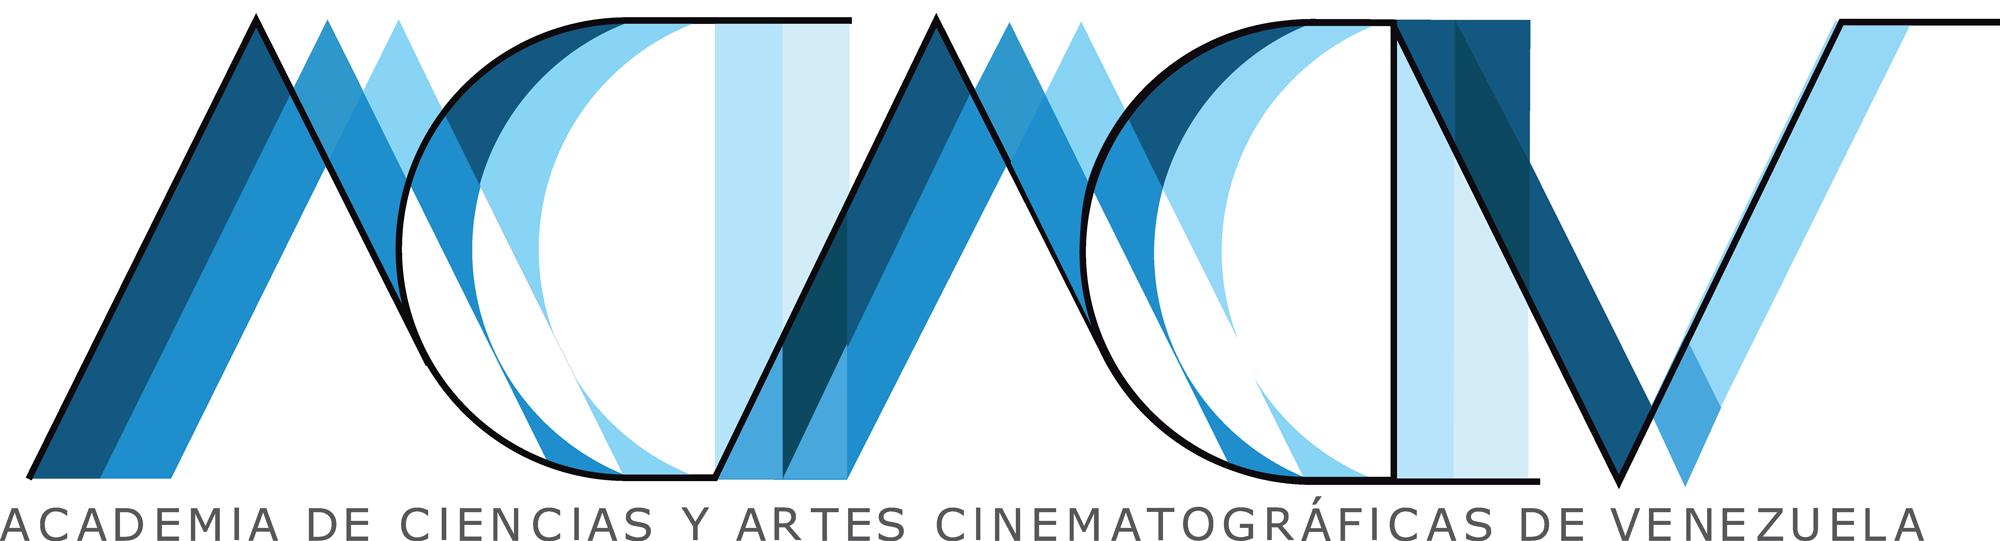 La Academia Venezolana de Cine celebró su gran noche de premiaciones